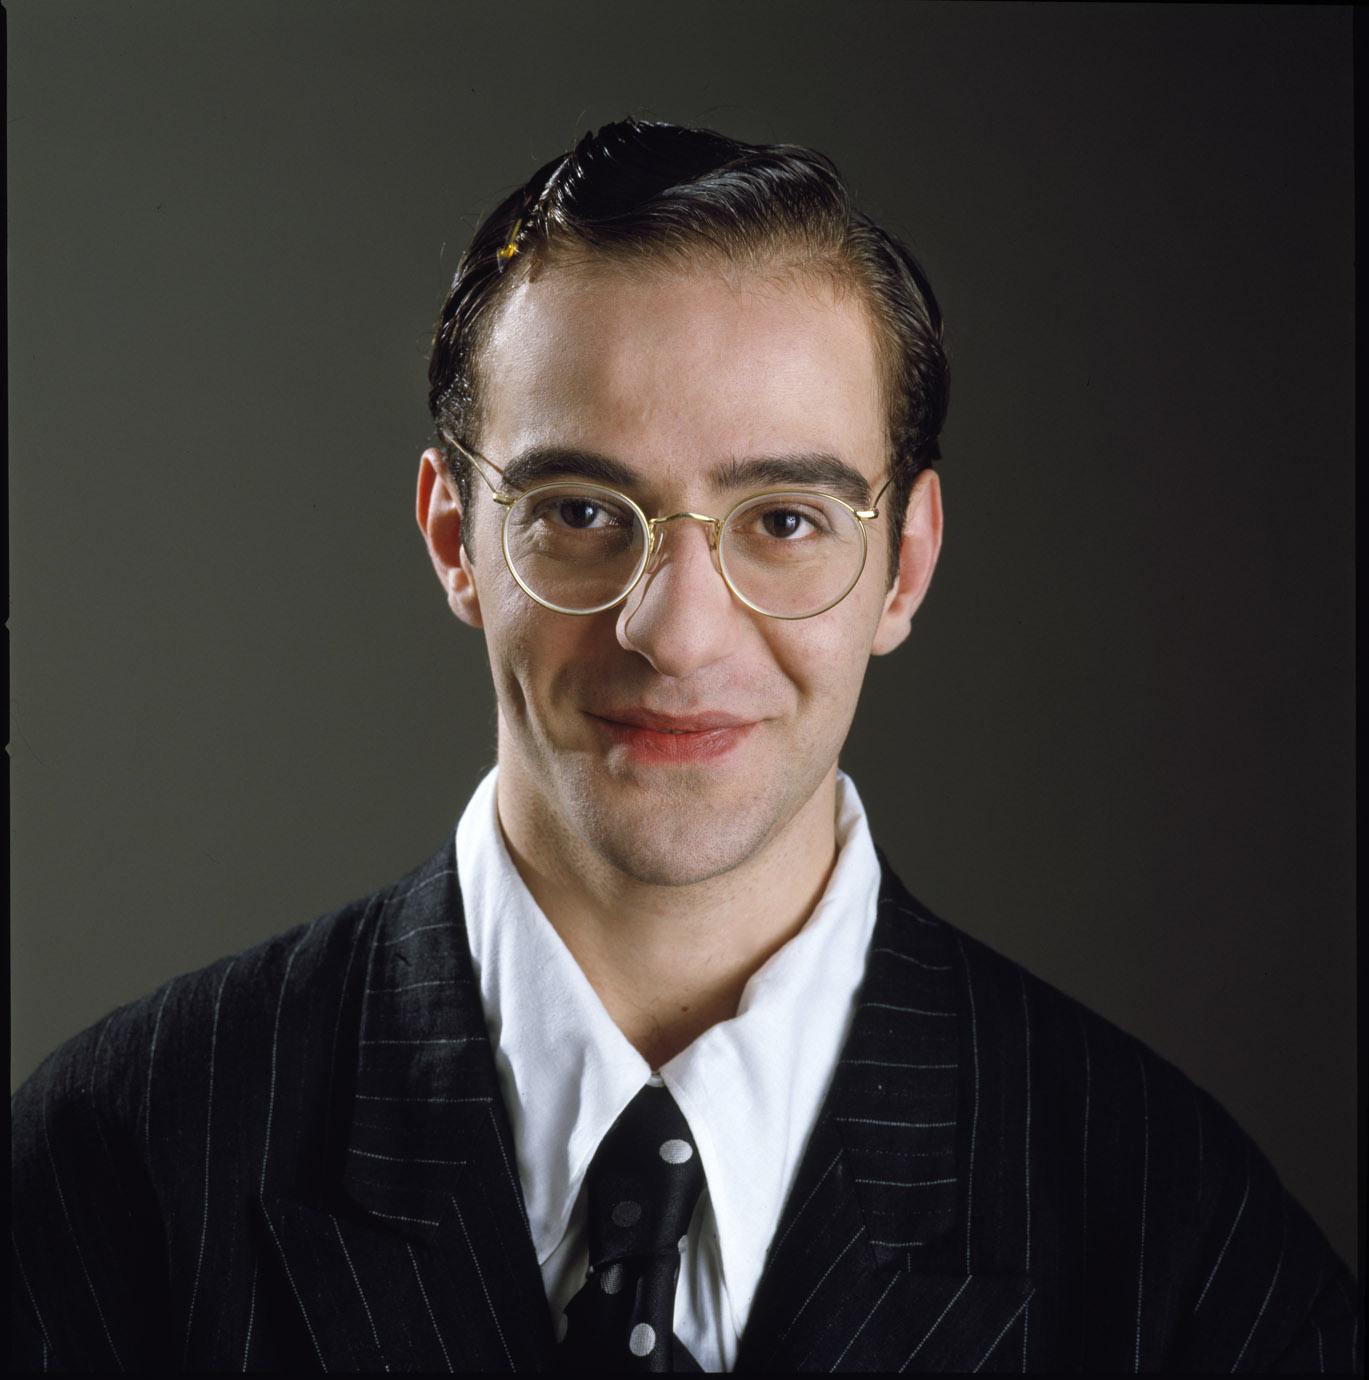 John Galliano 1985 by Jill Furmanovsky